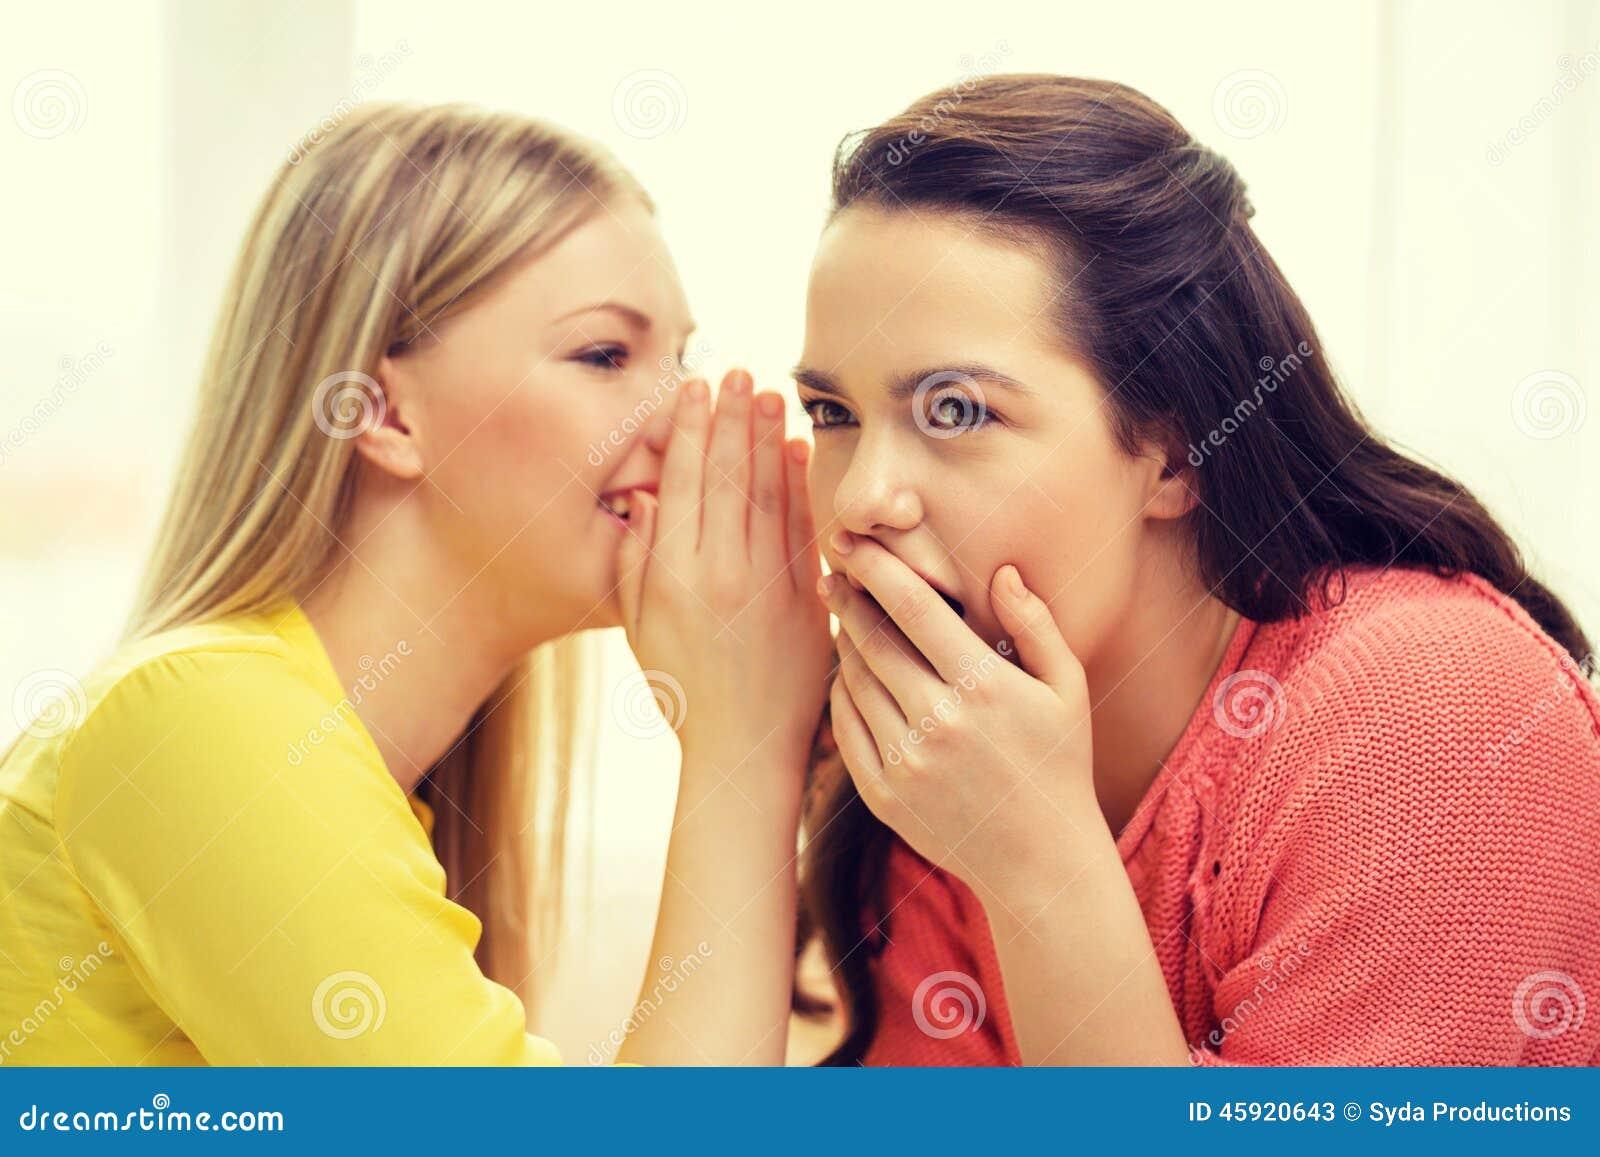 Jeden dziewczyna mówi innego sekret